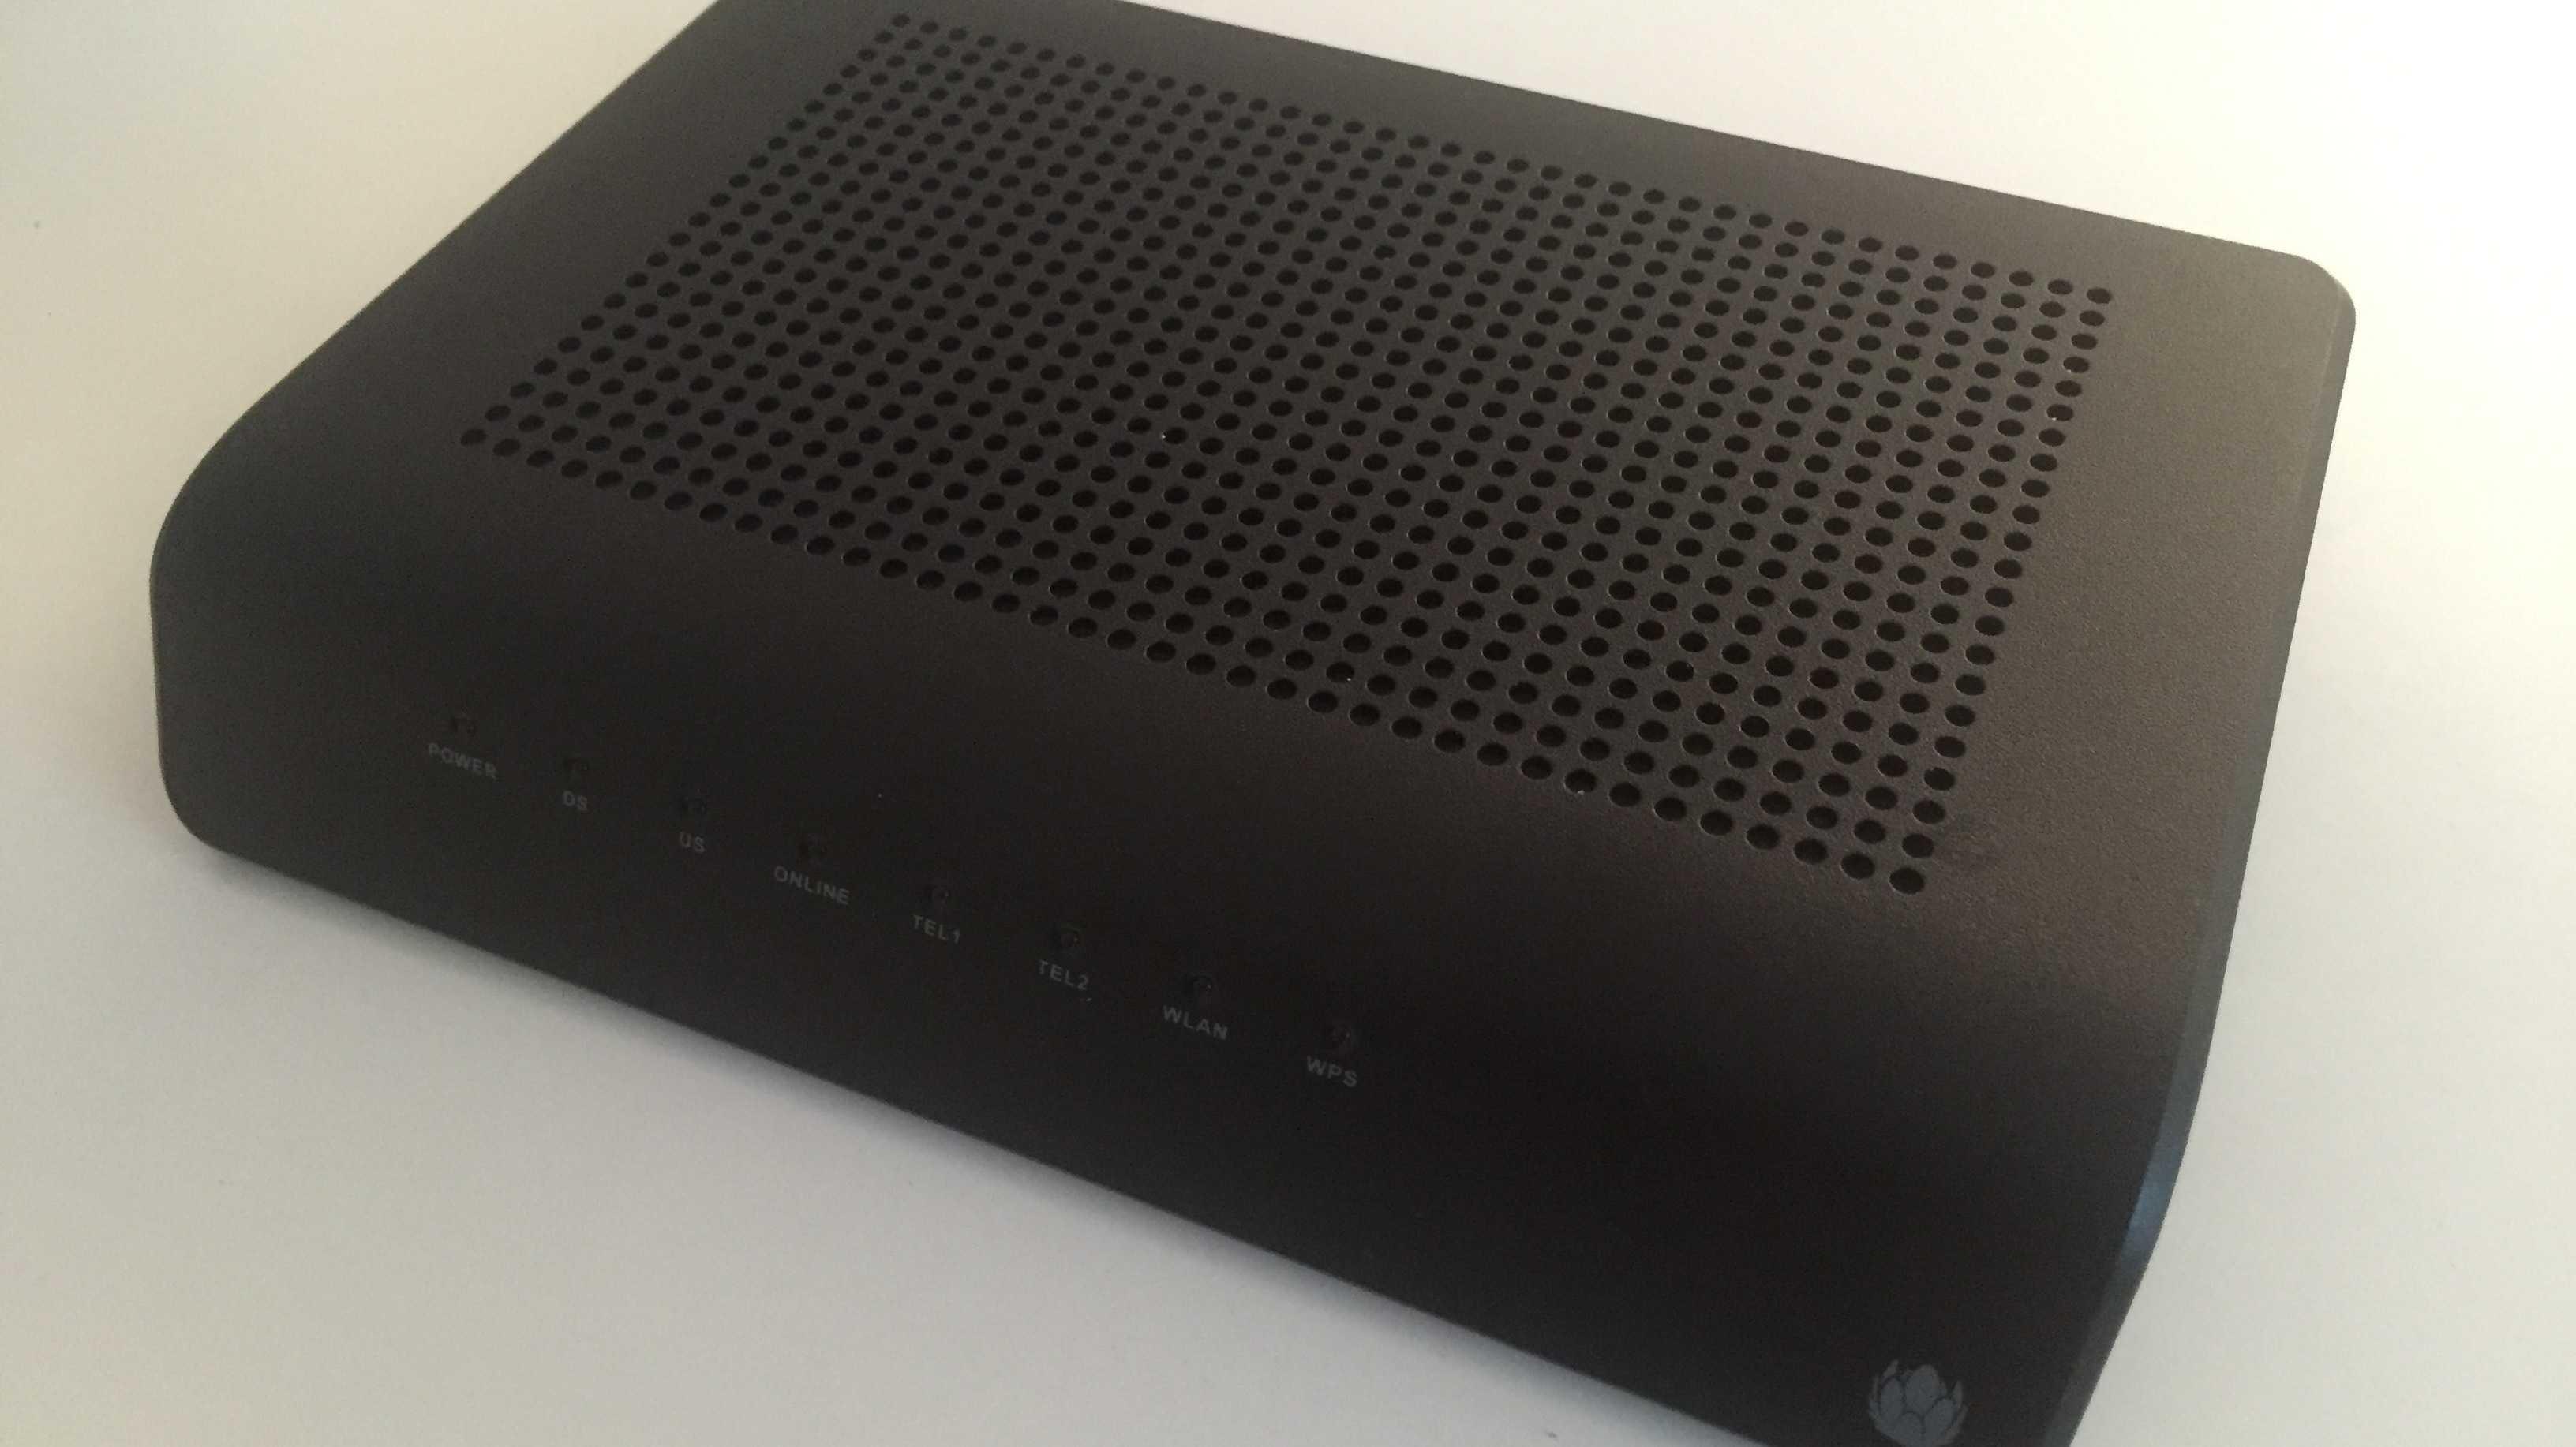 Auch Standard-Passwort von Unitymedia-Router leicht zu rekonstruieren